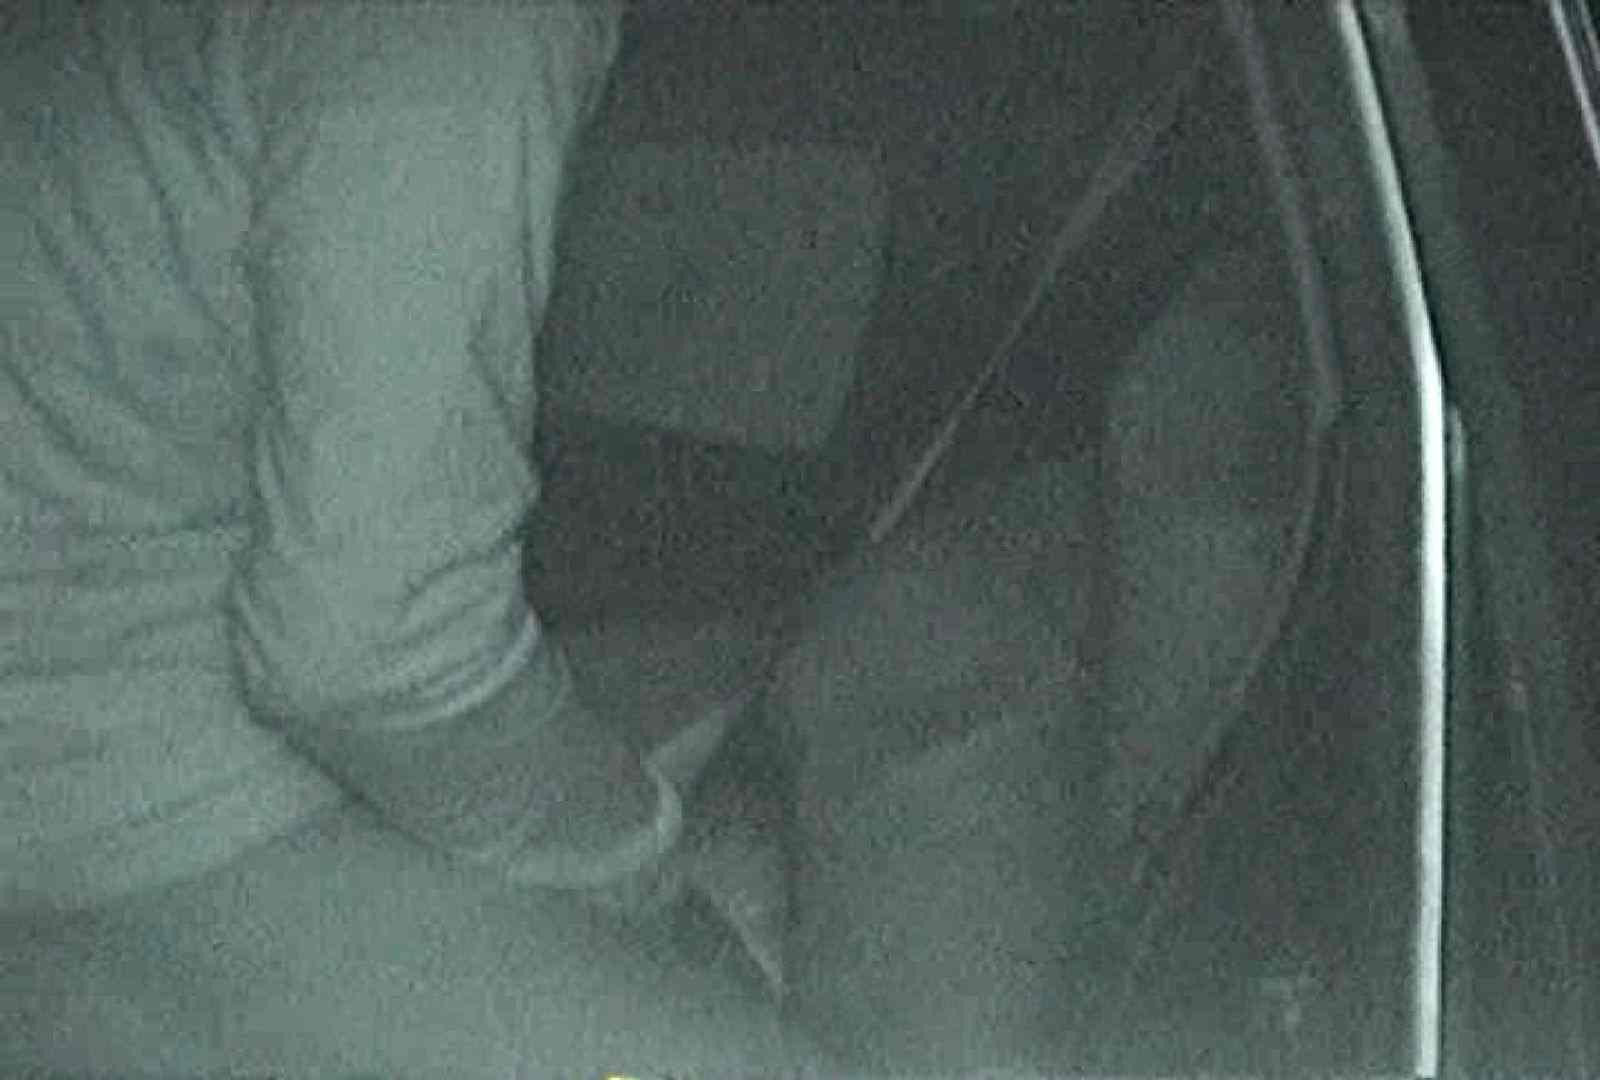 充血監督の深夜の運動会Vol.58 独身エッチOL   フェラ  91pic 48